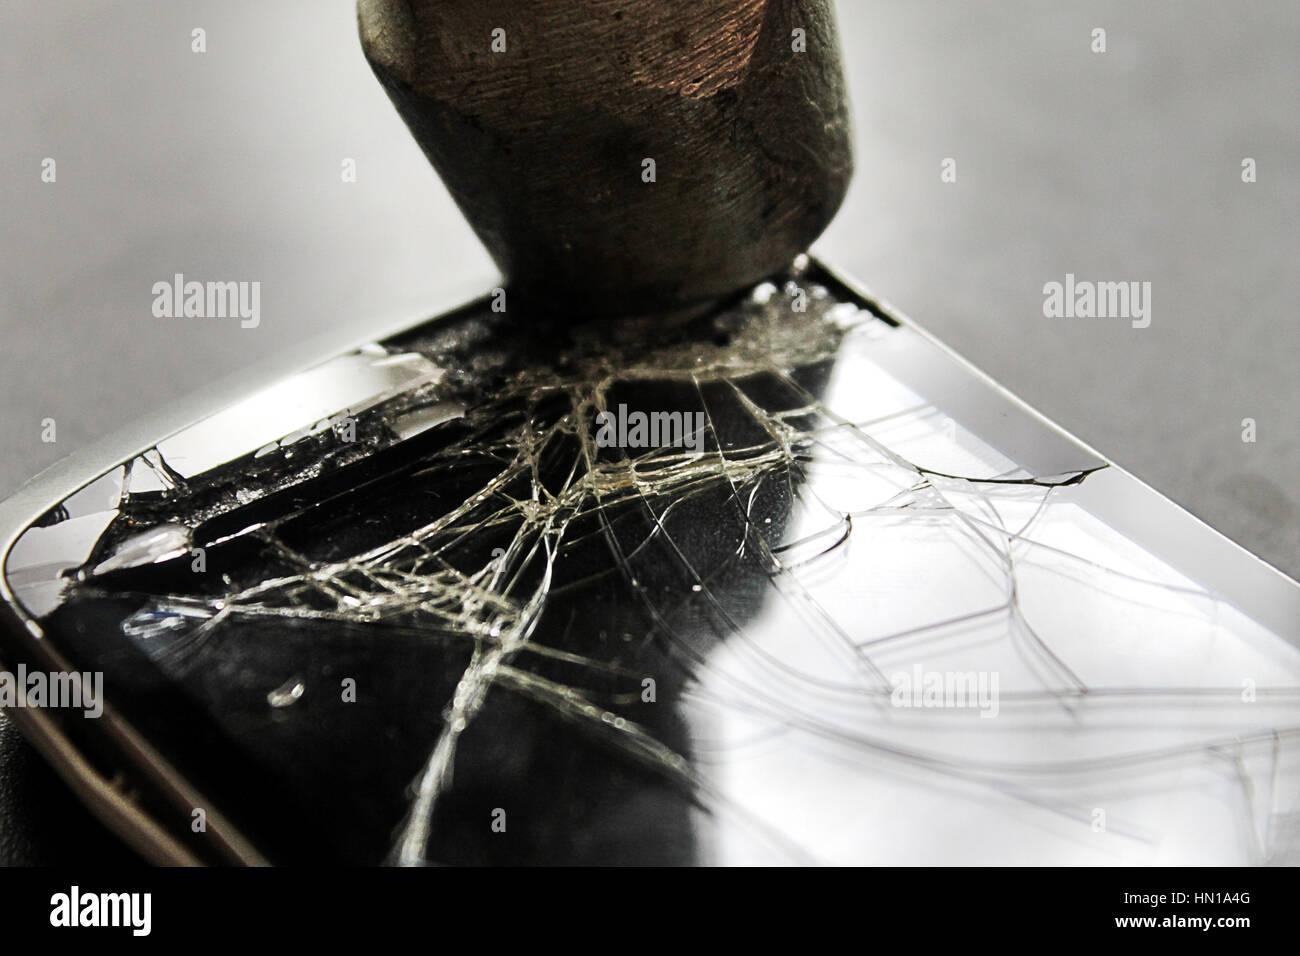 Gebrochen Handy-Bildschirm und Hammer auf Hintergrund, geknackt ein Hammerschlag auf das Handy in eine Wut, das Stockbild